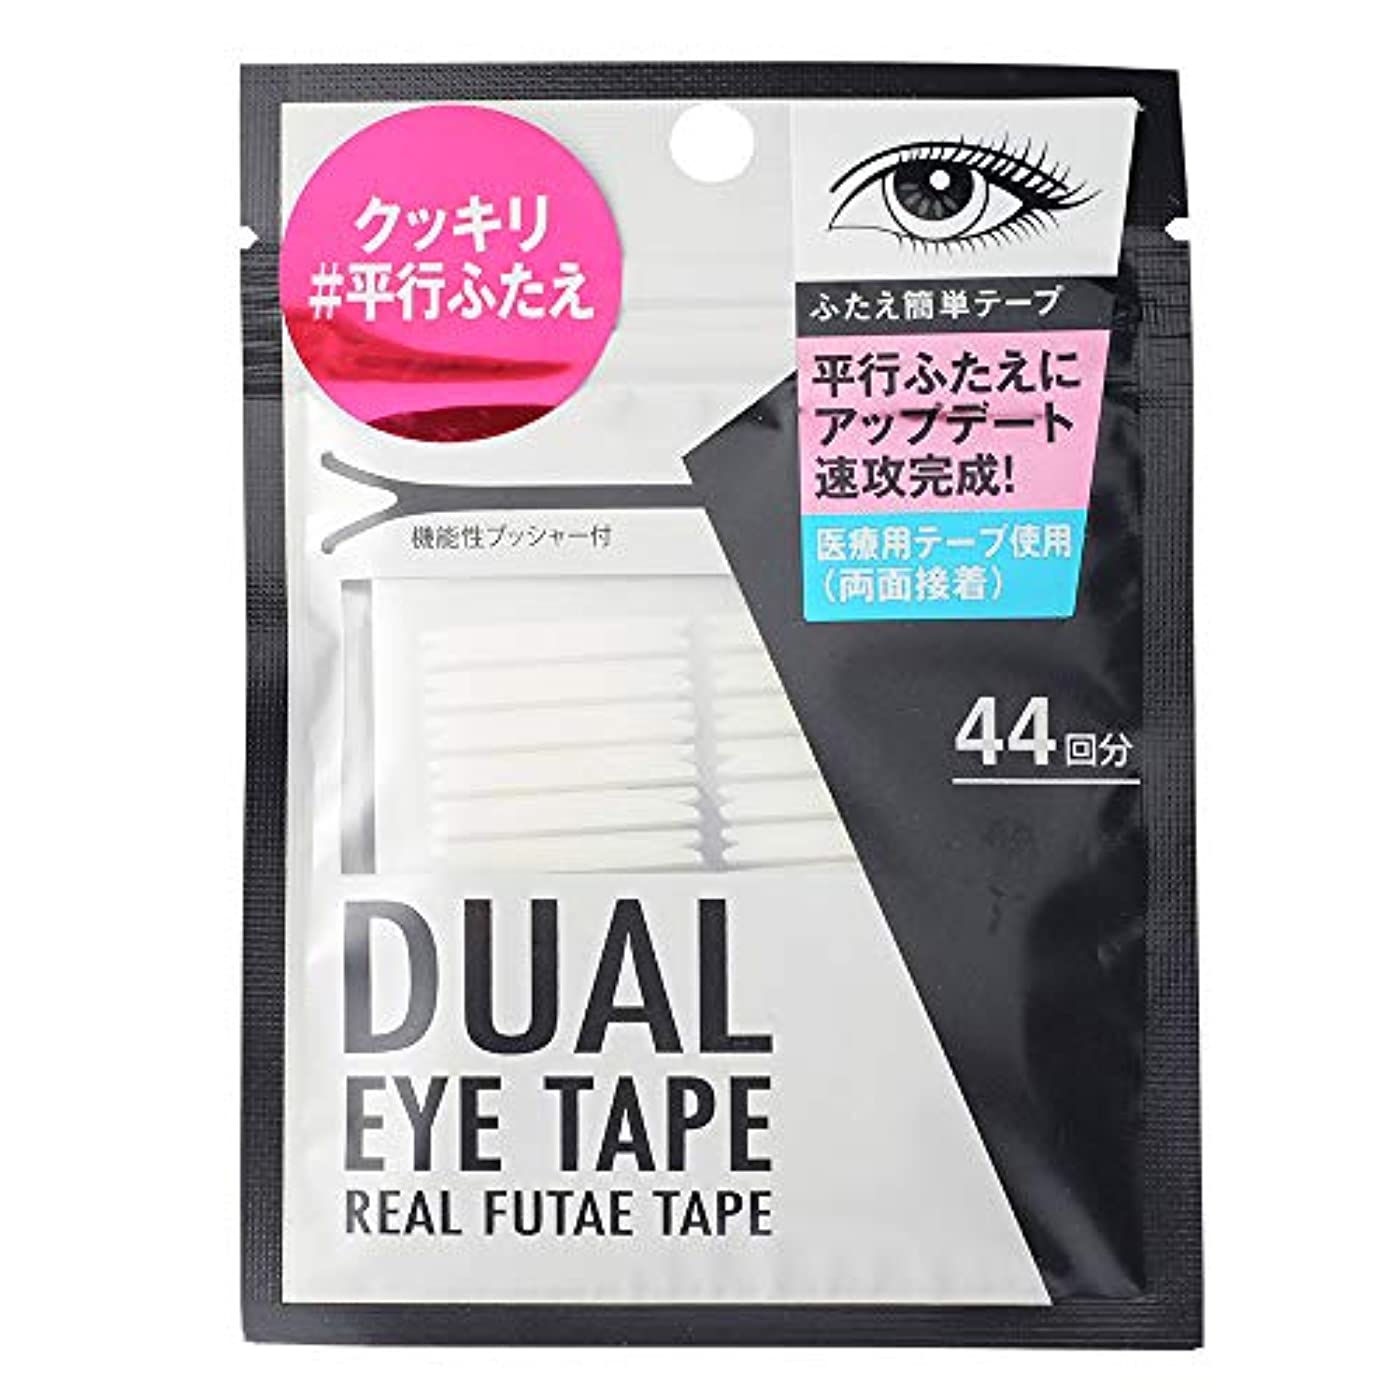 予測する紫のディーラーデュアルアイテープ (平行ふたえ両面接着テープ) (44回分)